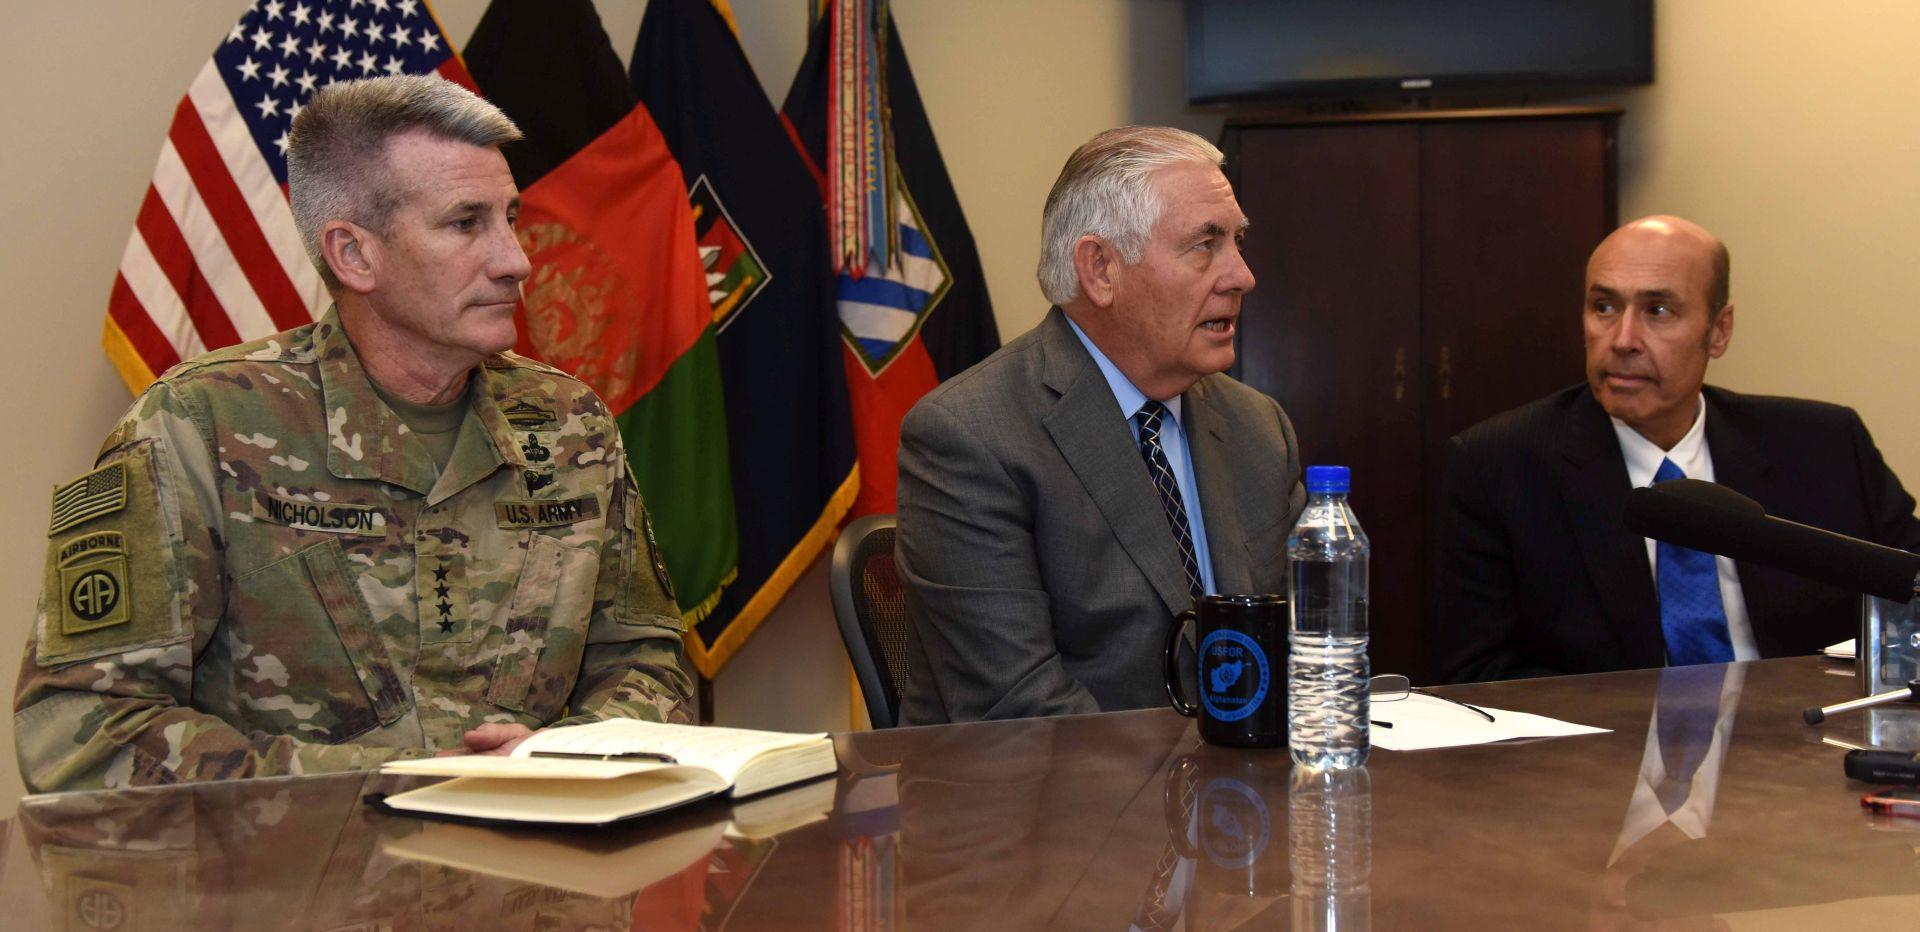 Američki državni tajnik Tillerson sastaje se u Bagdadu s iračkim čelnicima